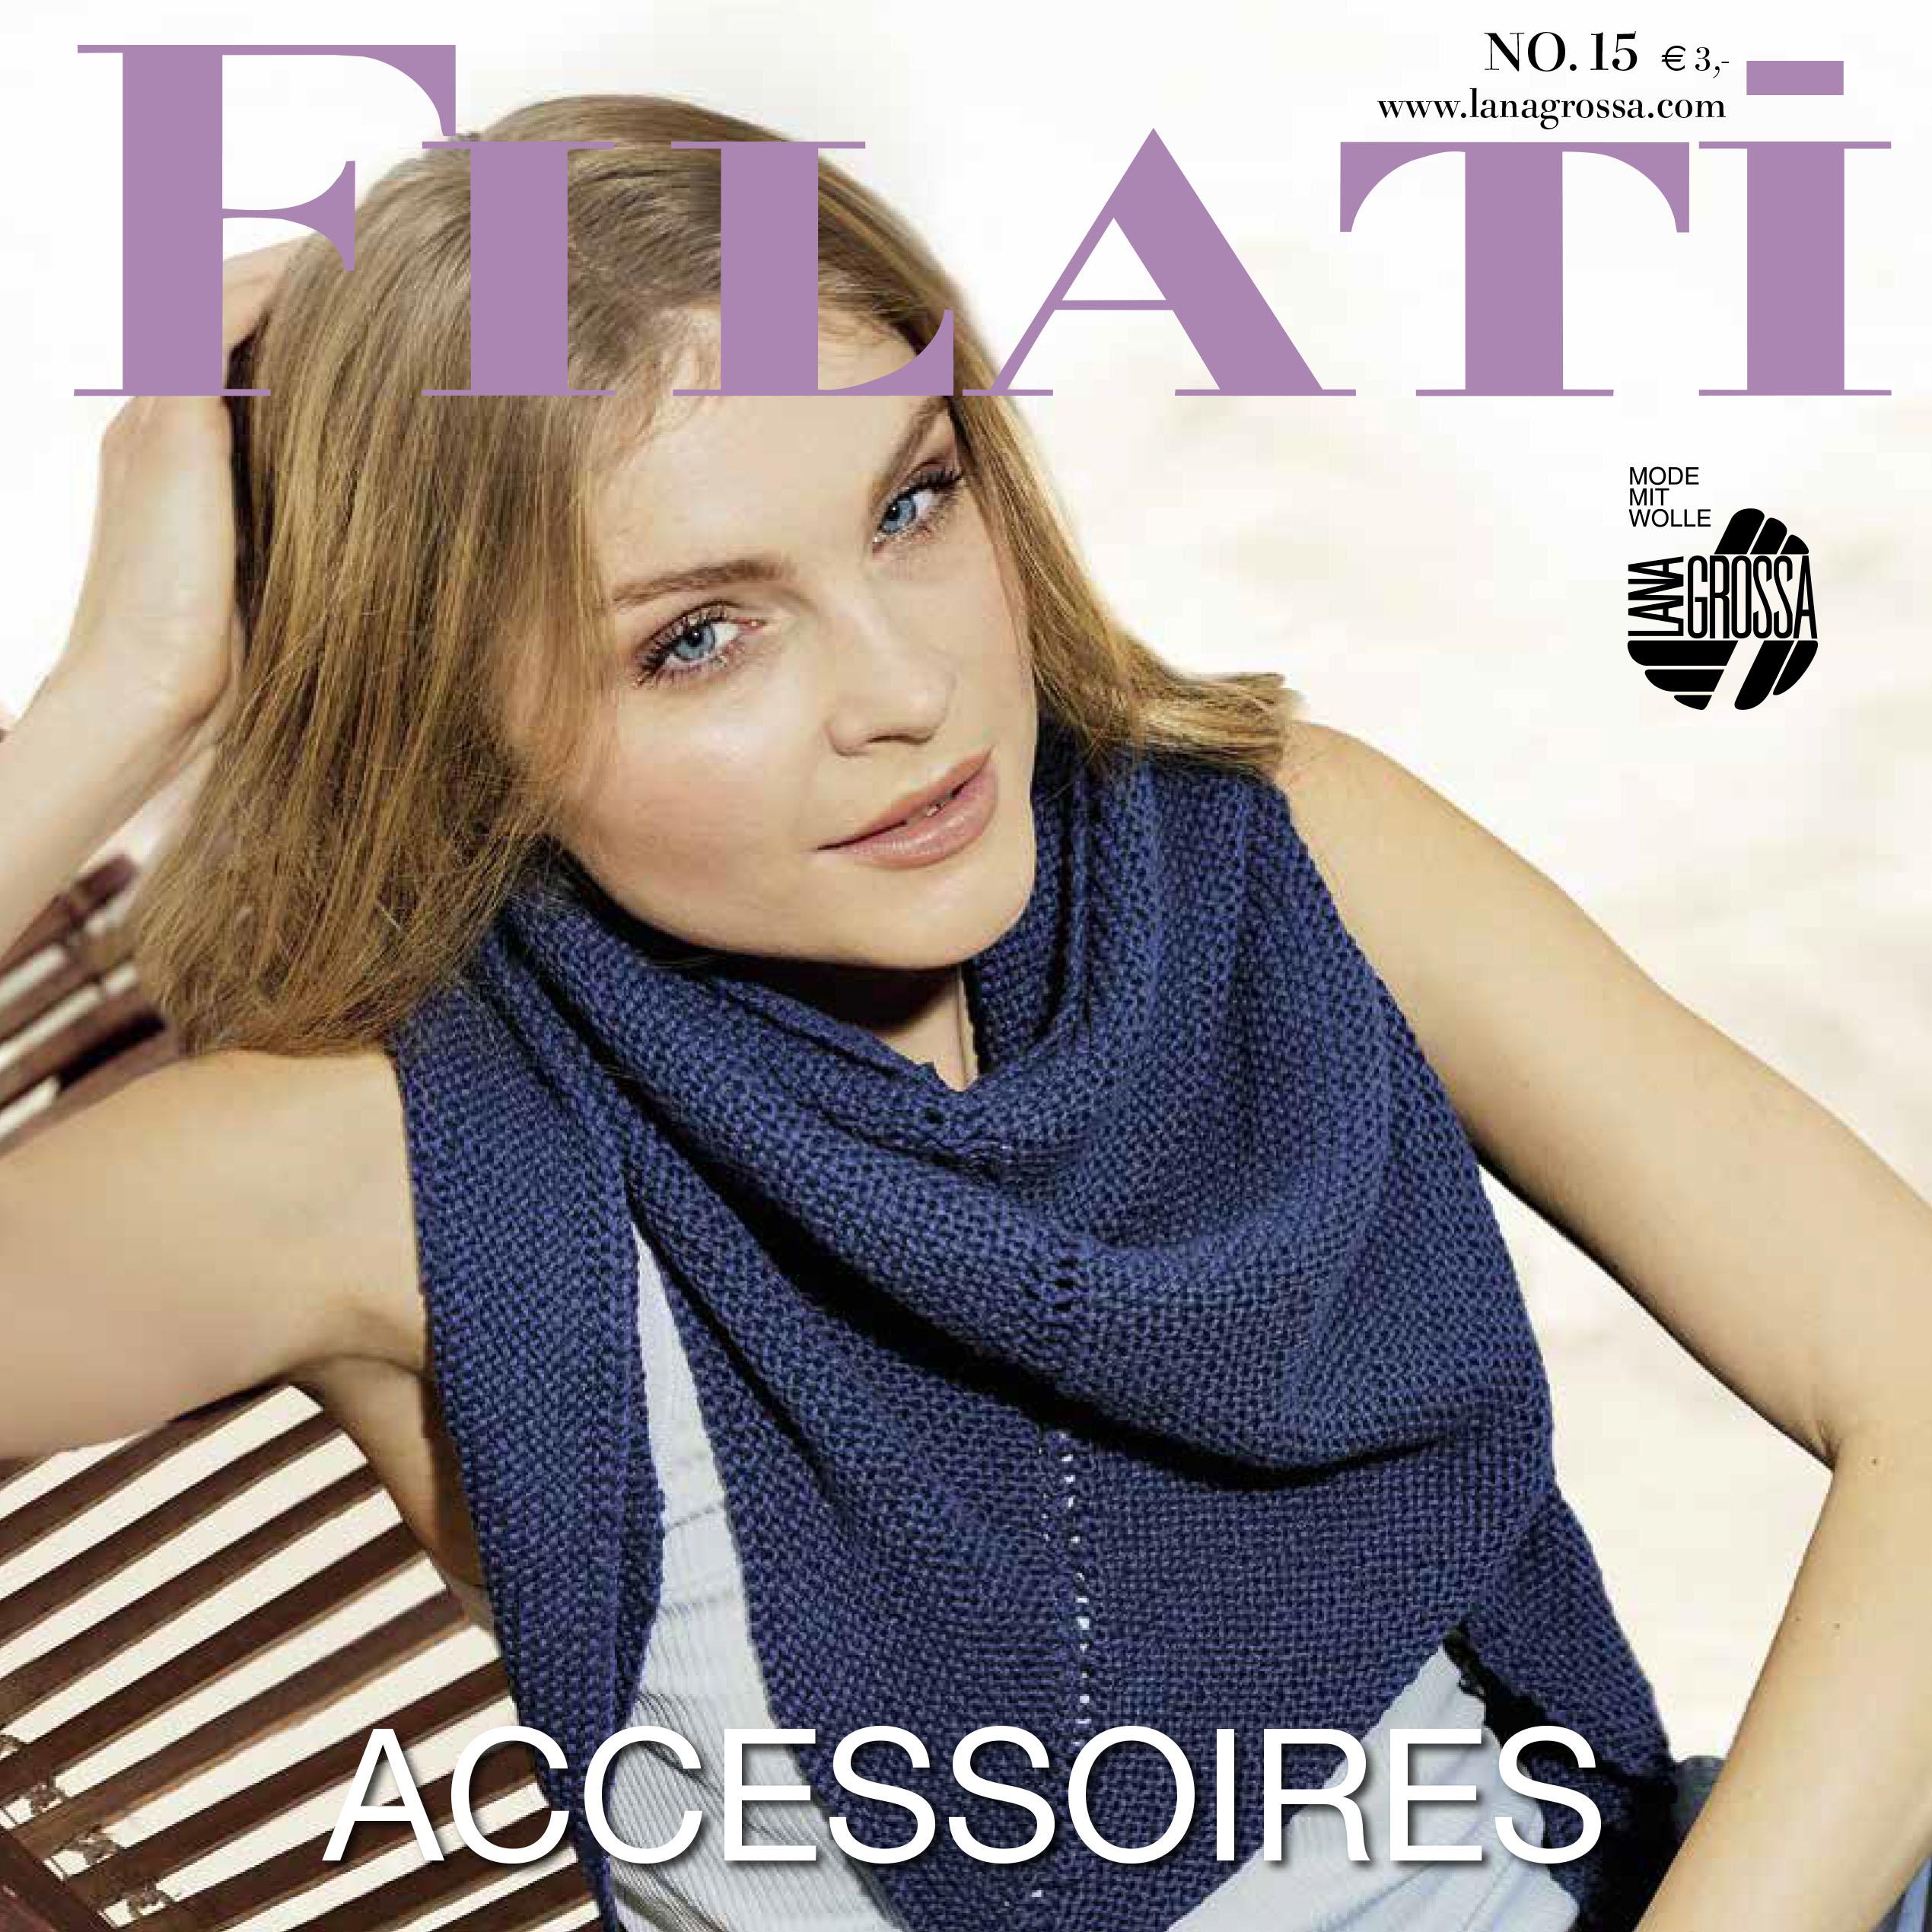 Lana Grossa FILATI Accessoires No. 15 - English Edition   FILATI ... 96aef275d25e